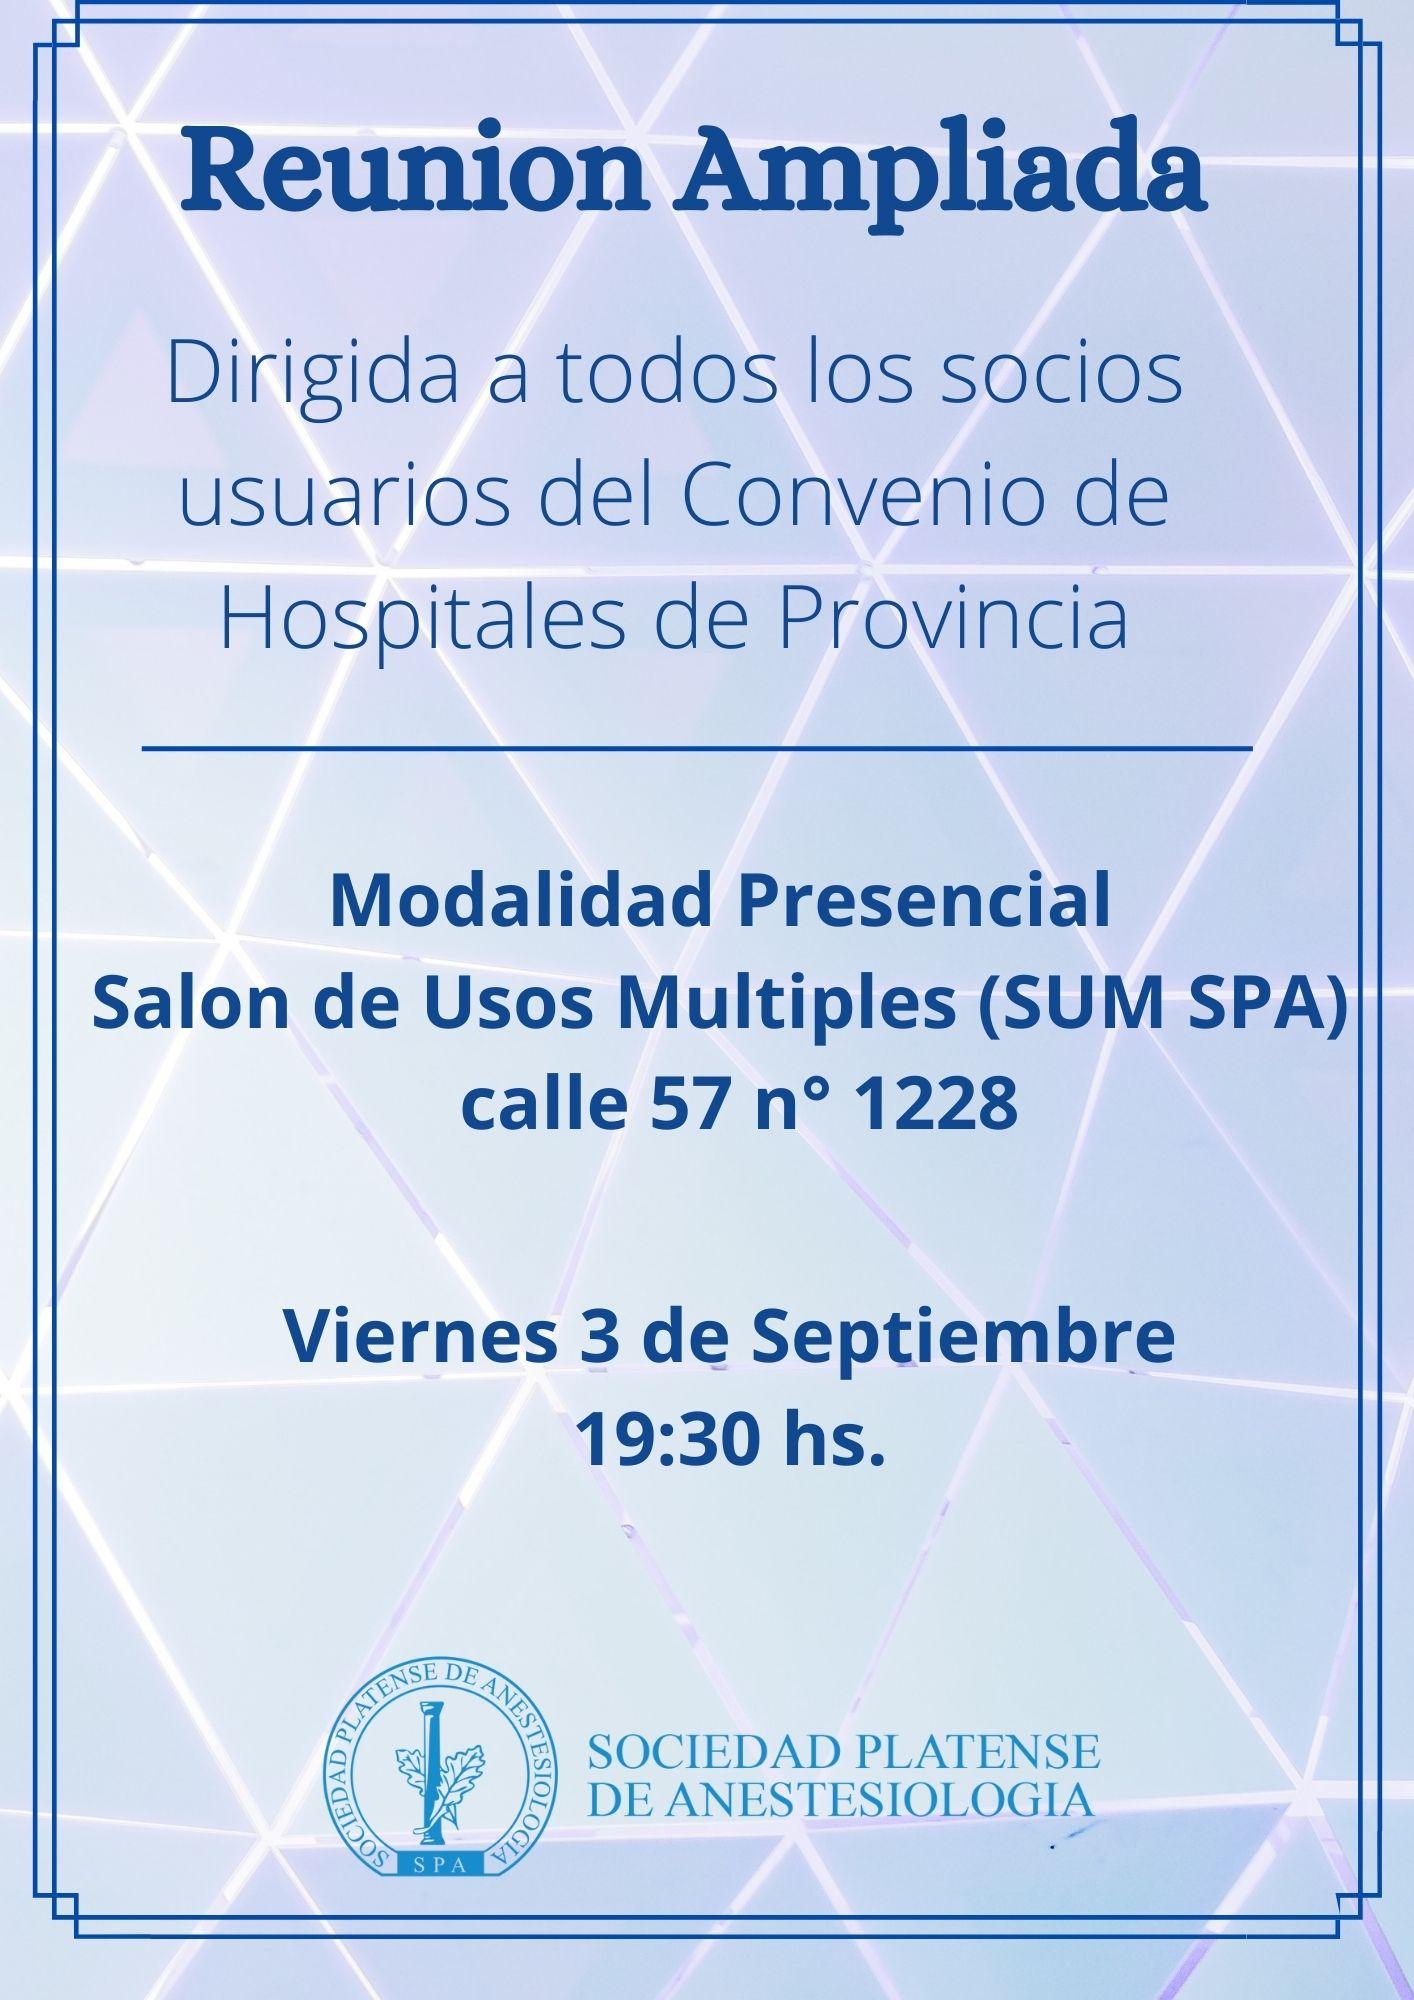 Recordatorio: Hoy 3/9/2021 Reunión Ampliada Convenio Hospitales de Provincia